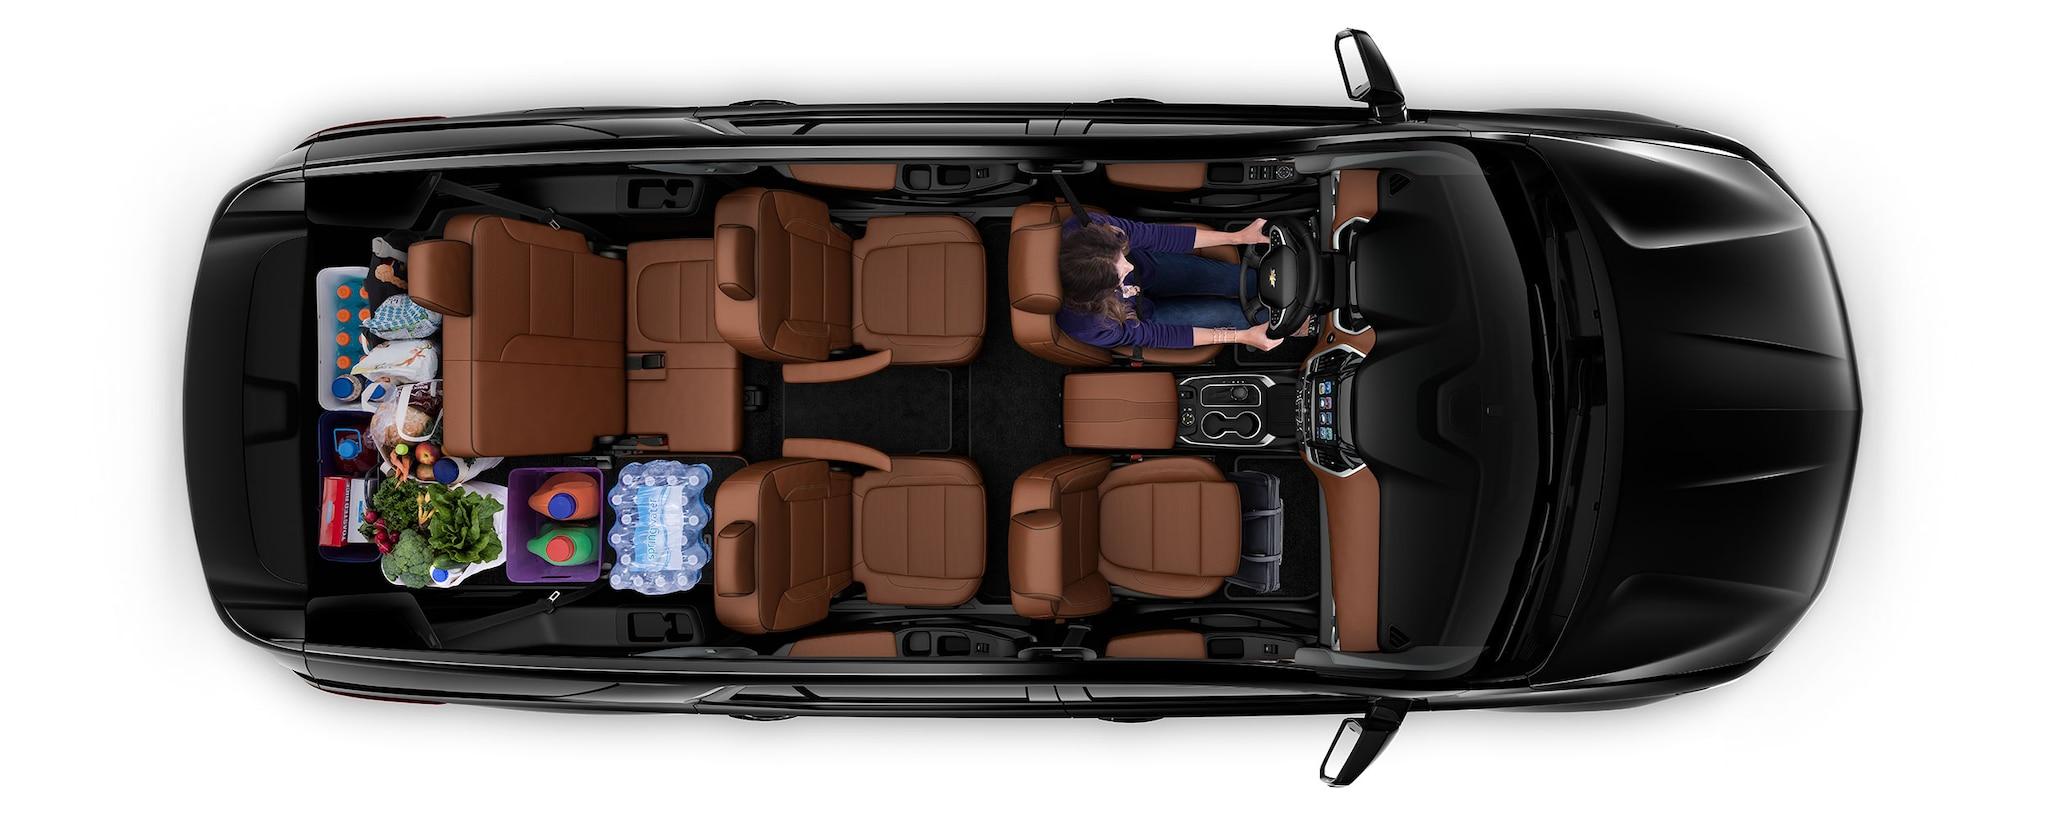 Diseño de la SUV mediana Traverse 2018 3